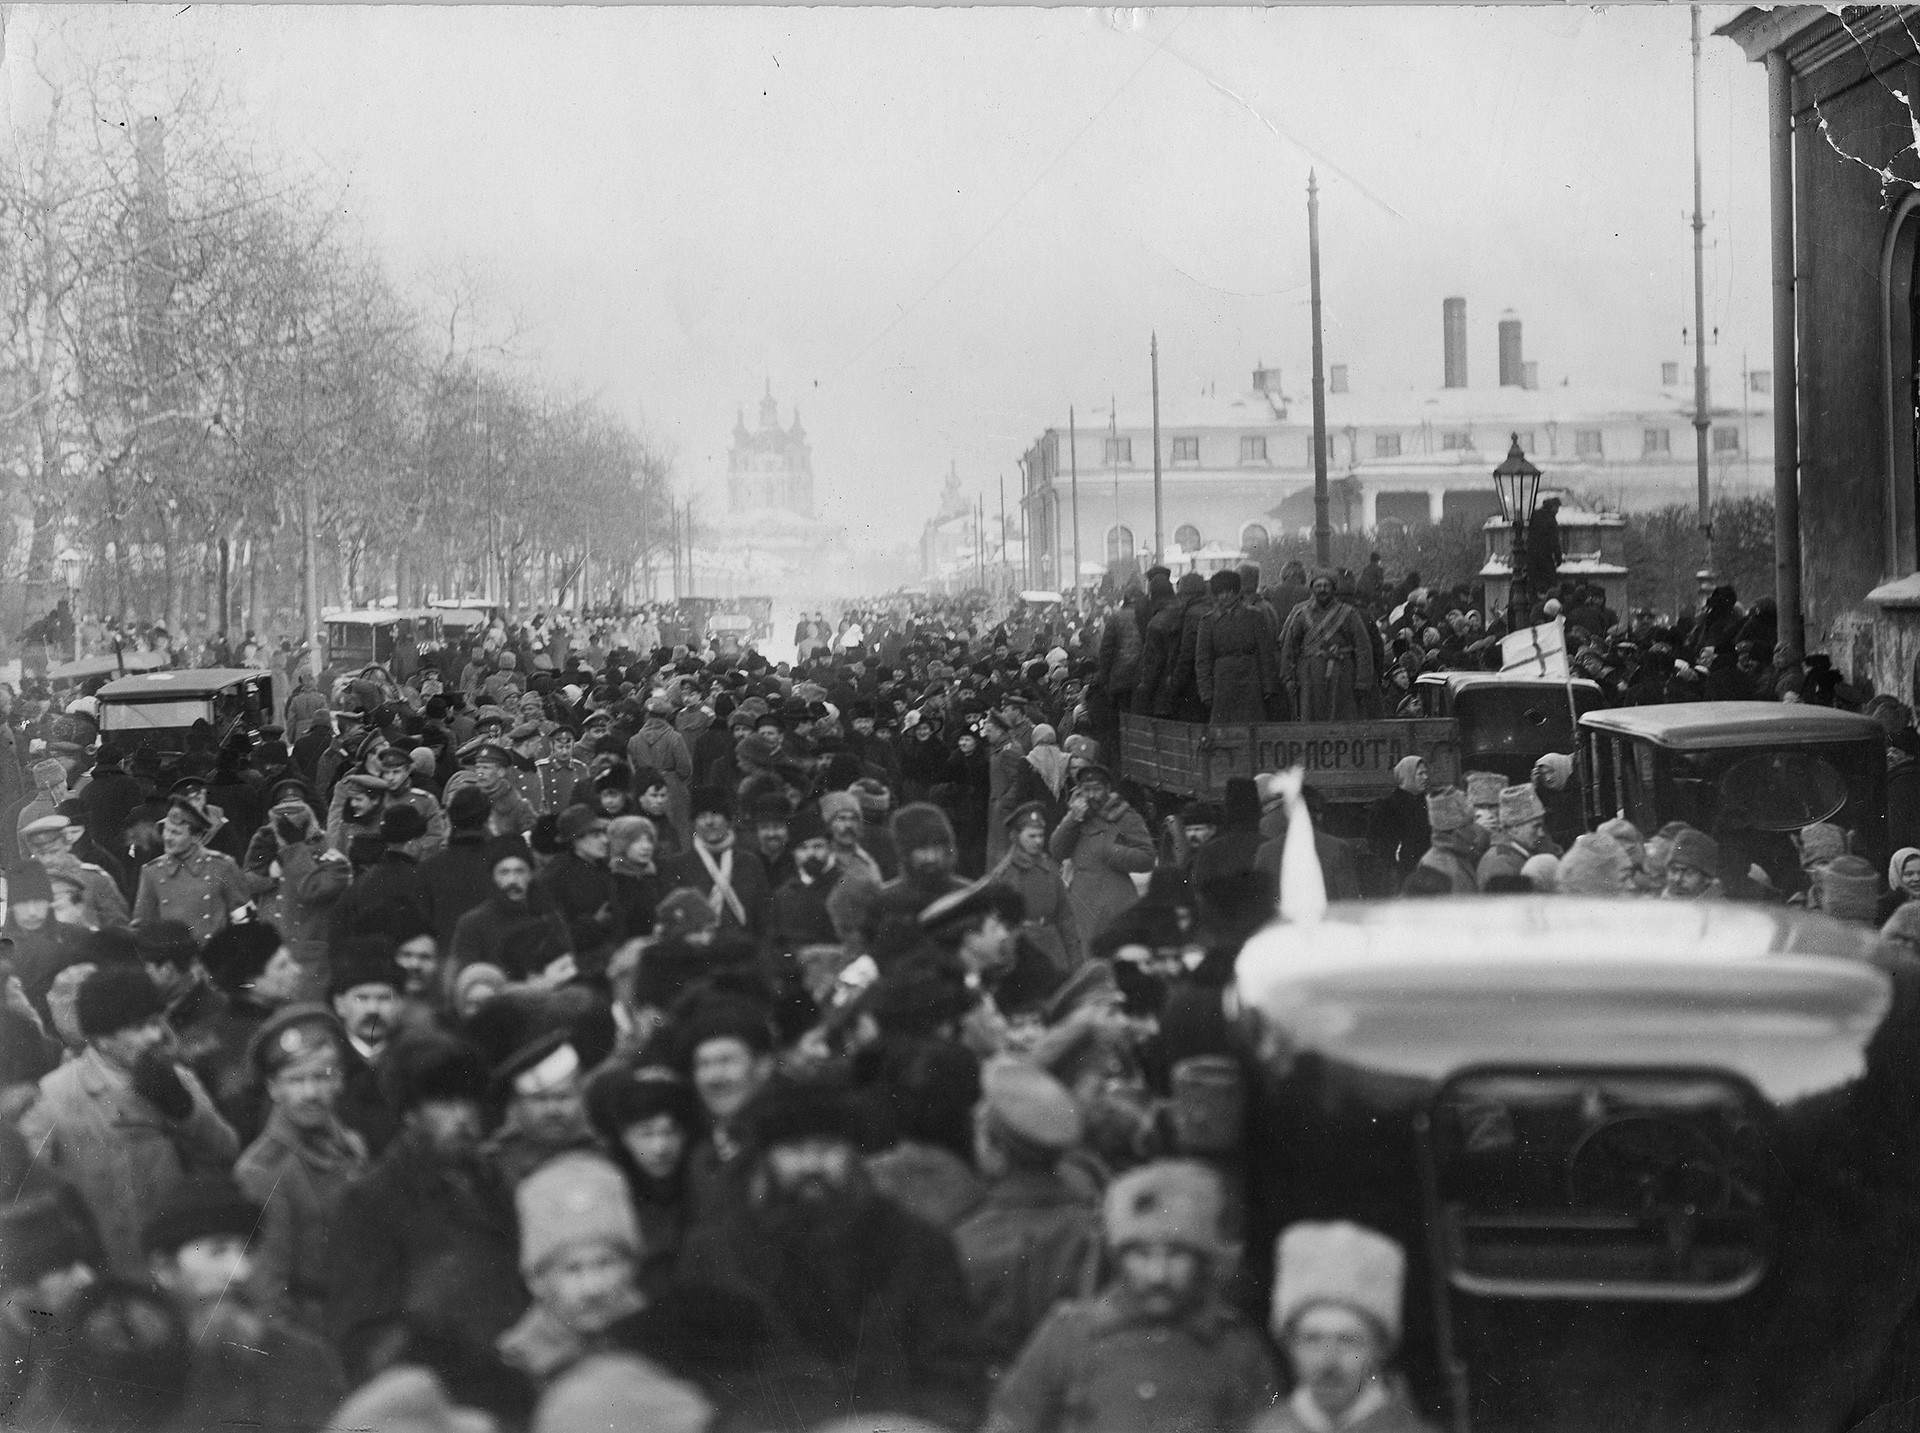 Pietrogrado, 1918